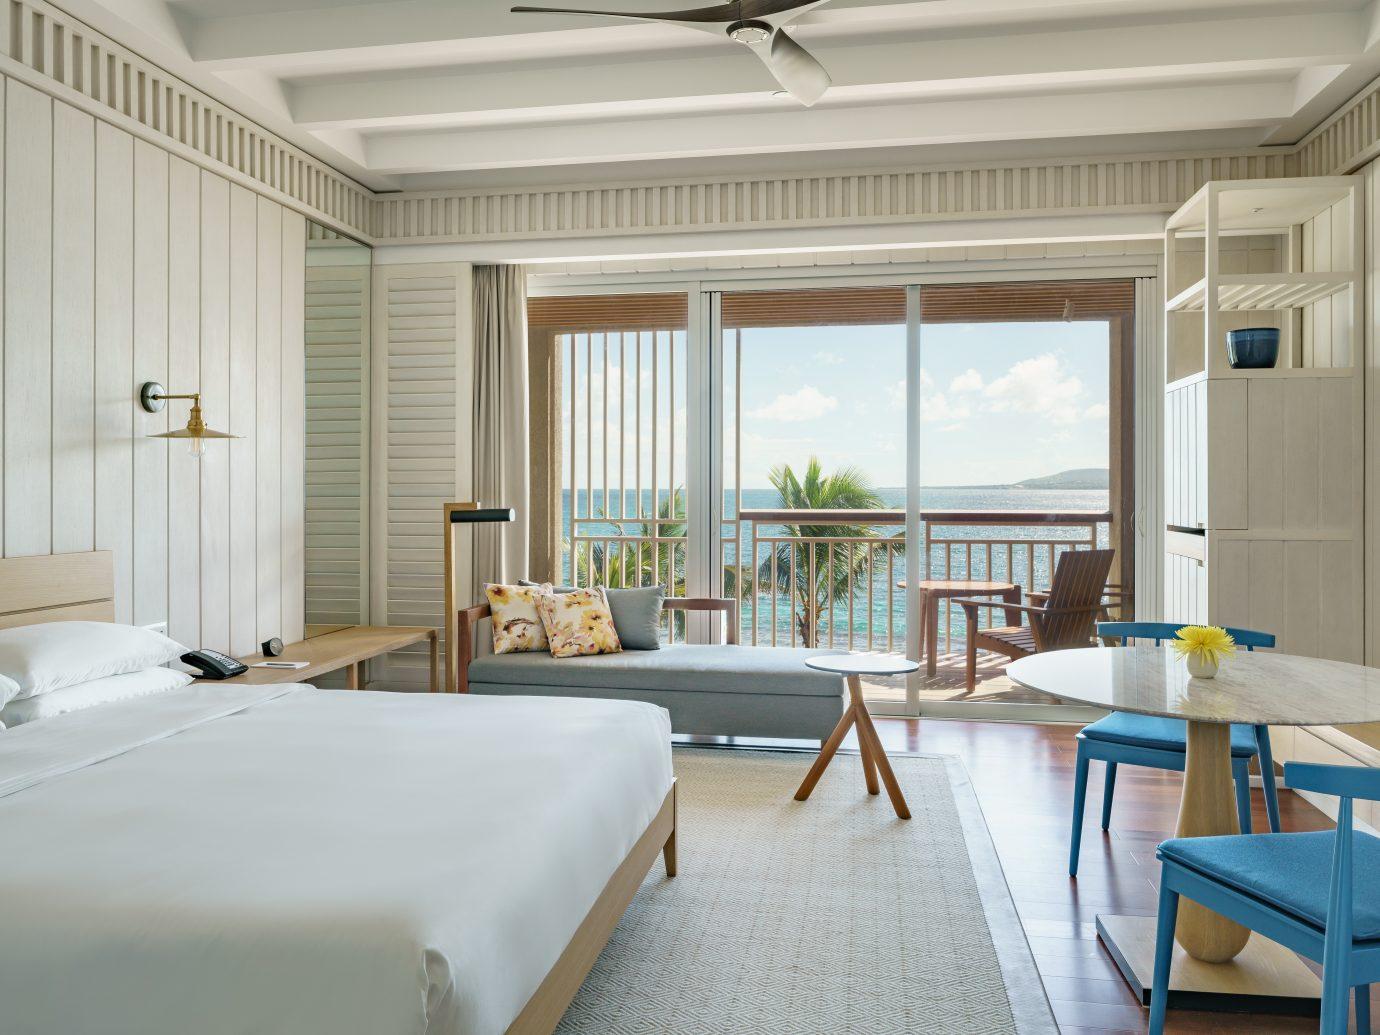 King Room at the Park Hyatt St. Kitts